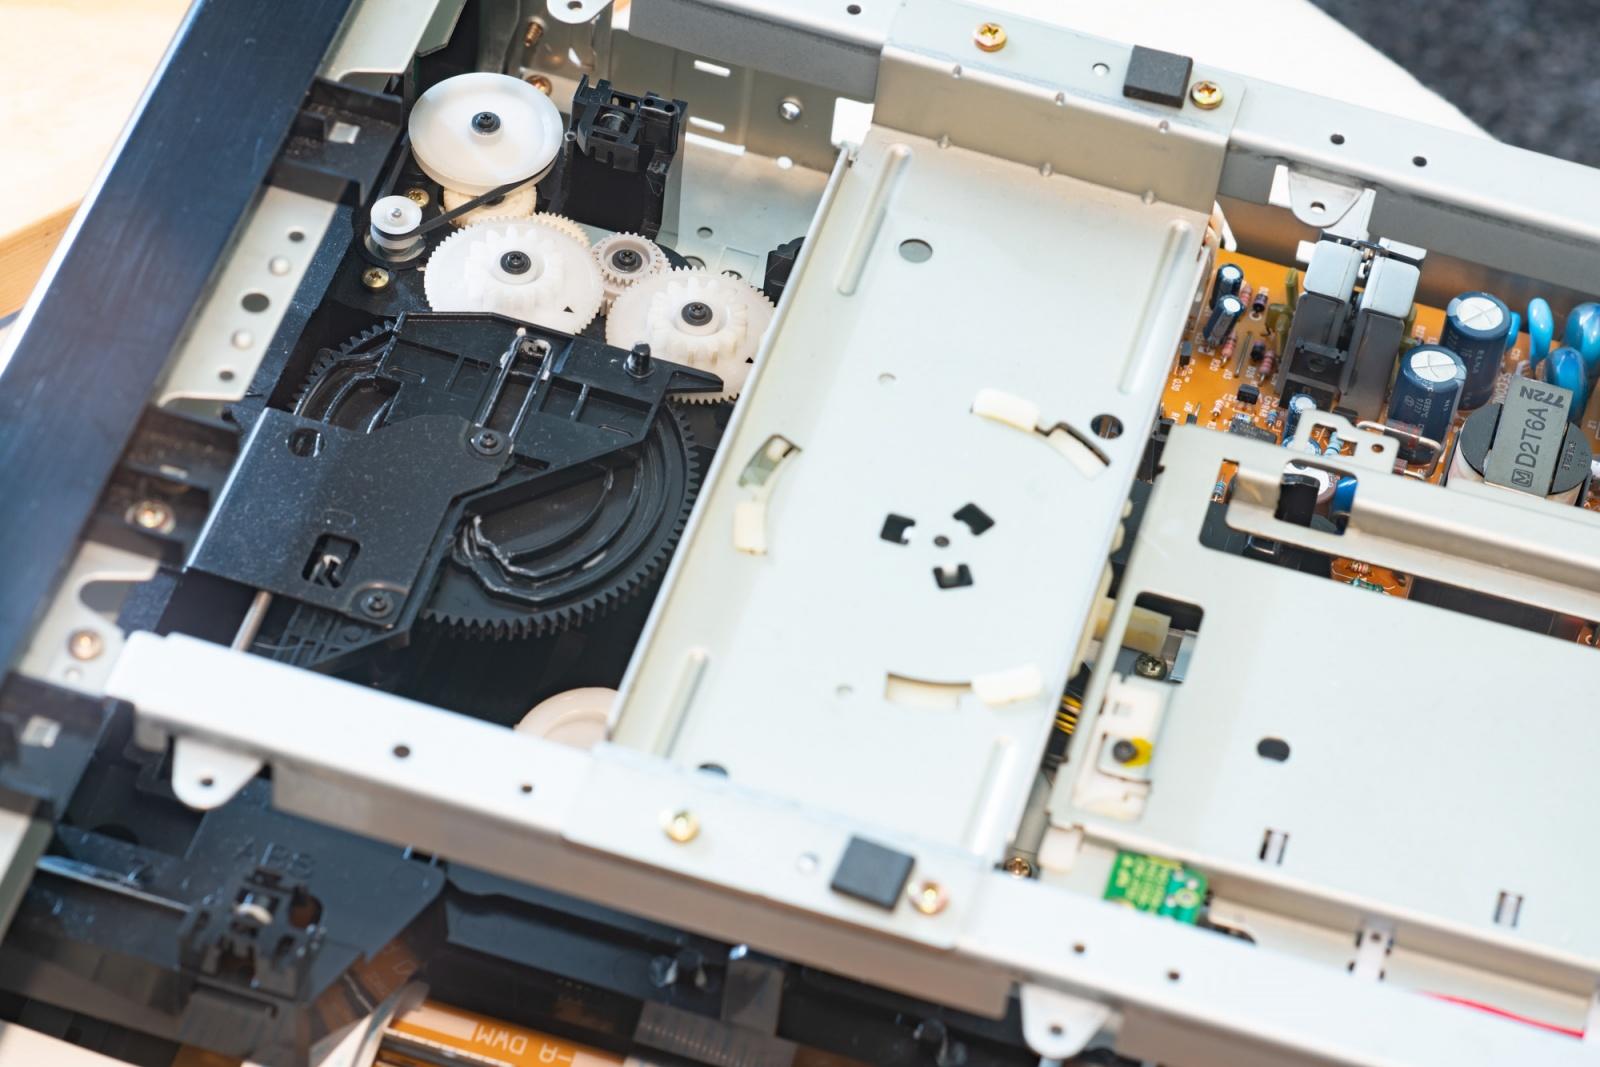 Лазерные видеодиски, ретрокино и автореверс - 10